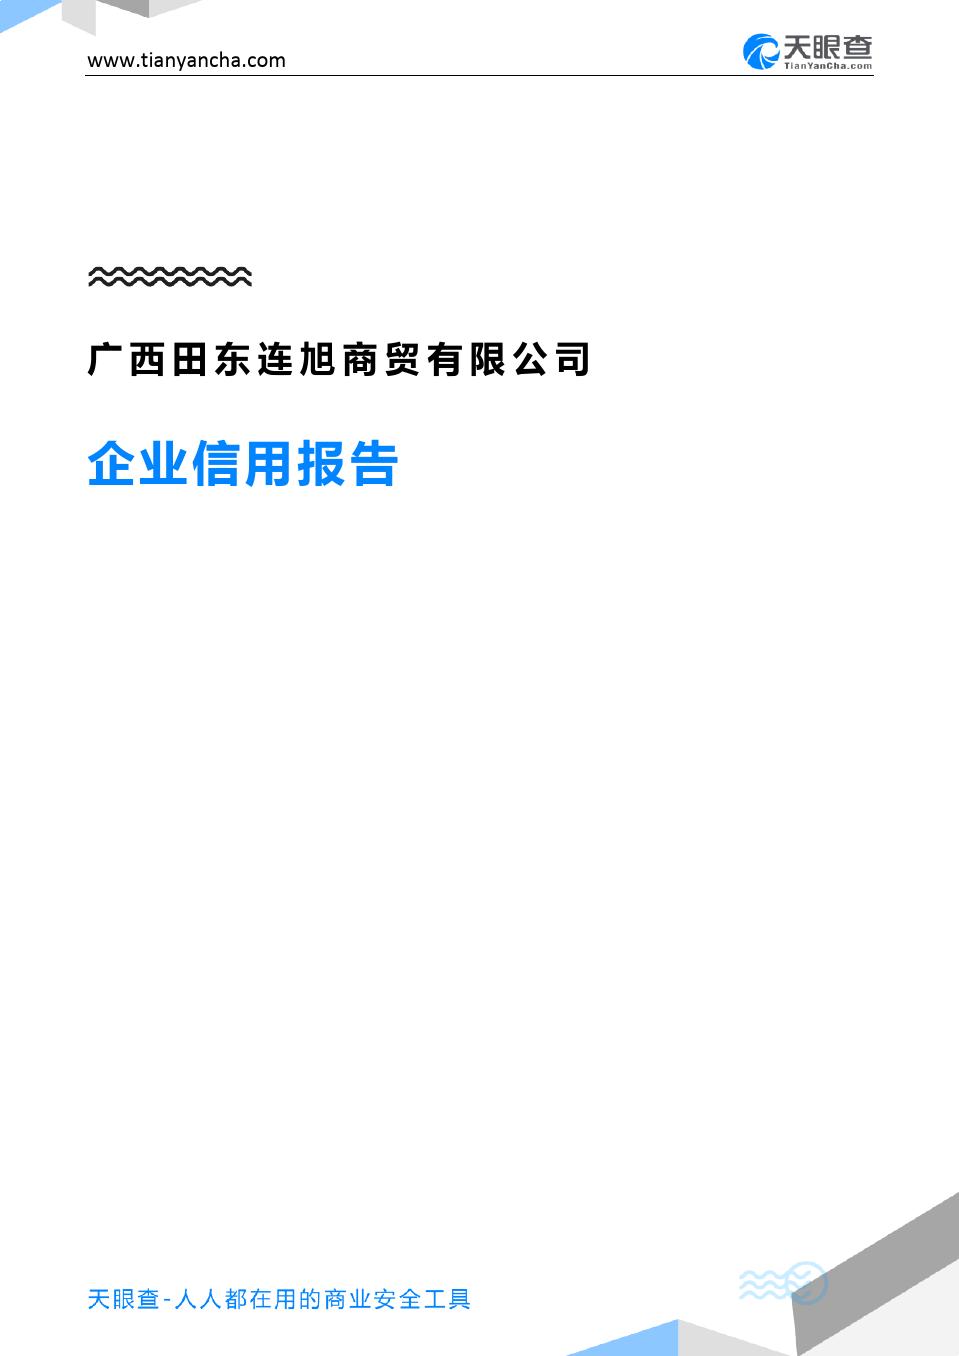 广西田东连旭商贸有限公司(企业信用报告)- 天眼查